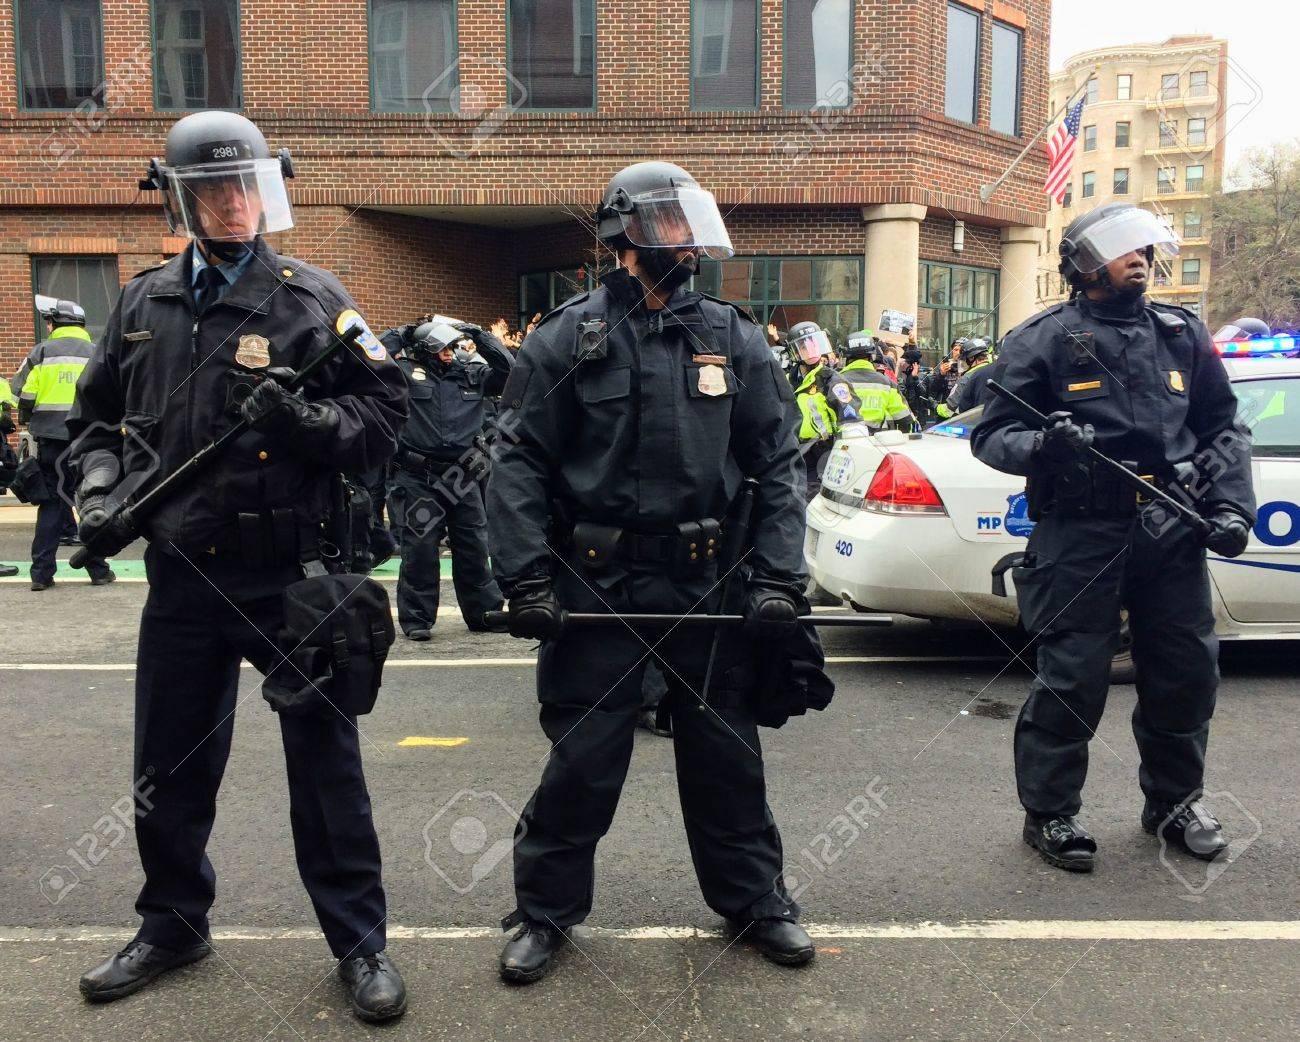 ワシントン、2017 年 1 月 20 日 - 暴動鎮圧用装備の警察は大量逮捕と ...